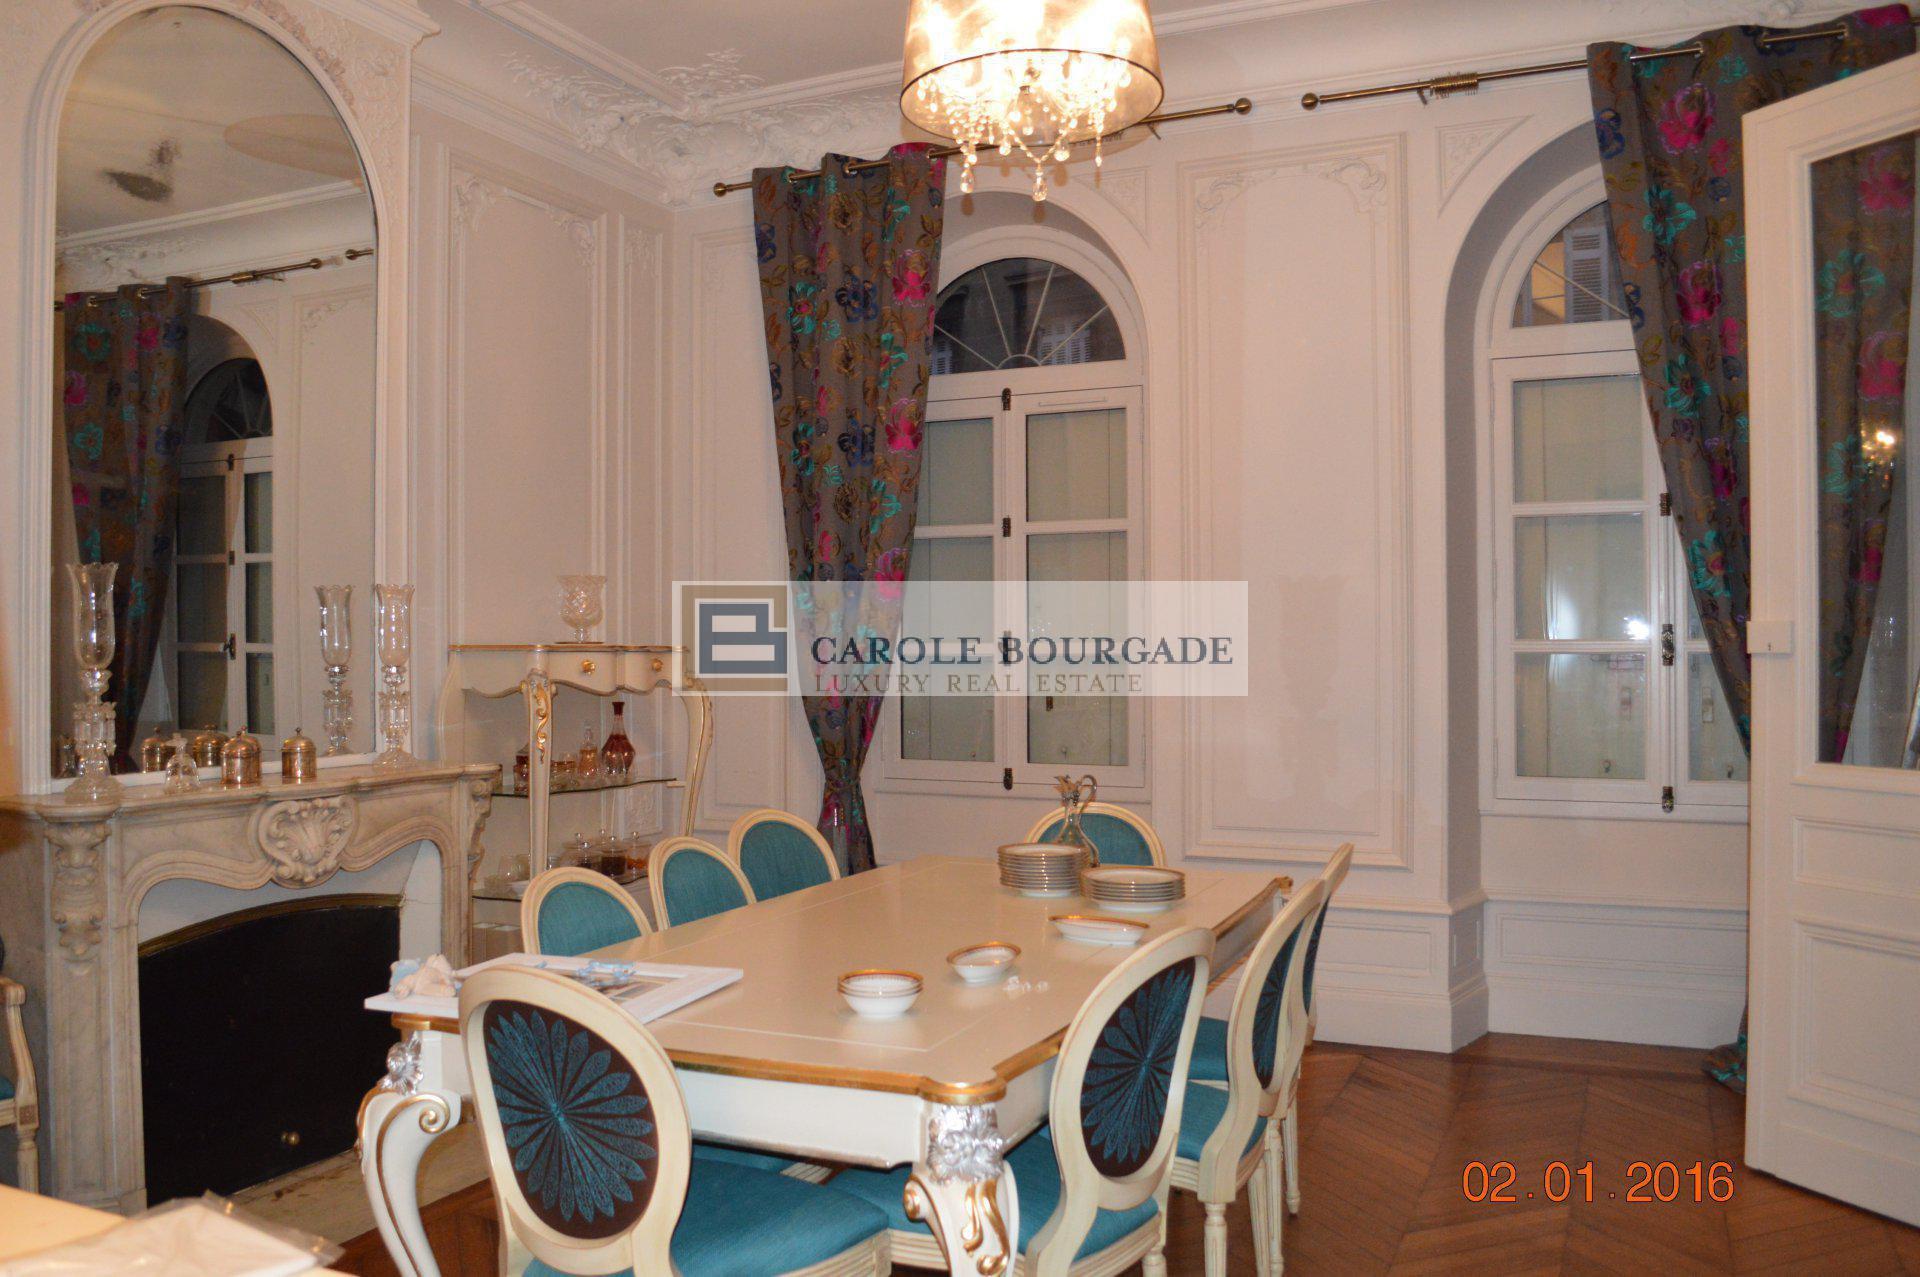 HOTEL PARTICULIER BORDEAUX CENTRE VILLE